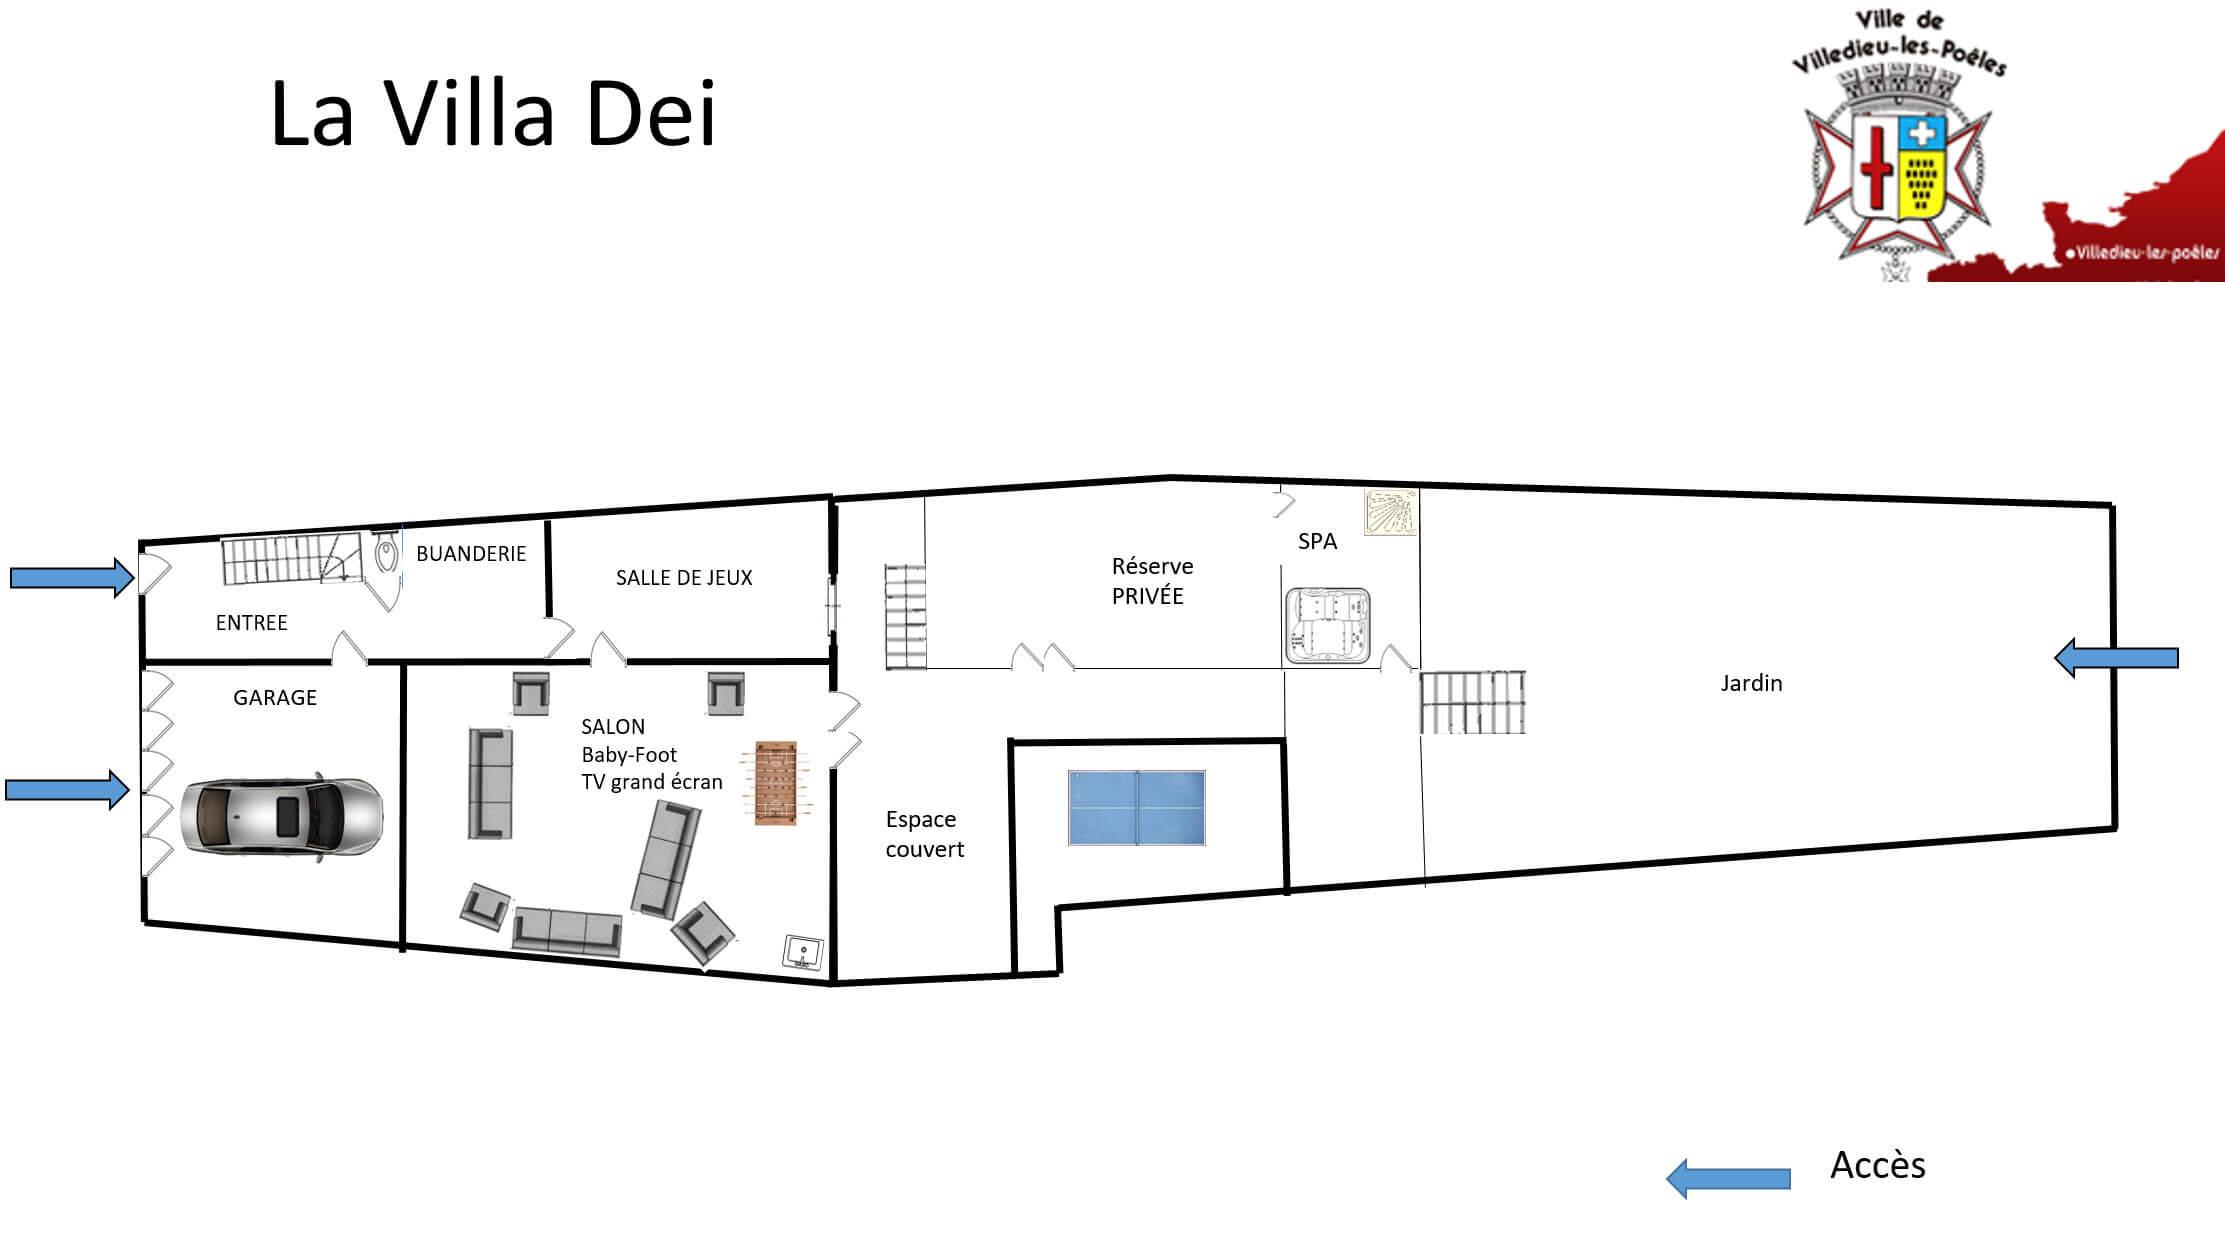 La Villa Dei - GÎTE LA VILLA DEI - Location de Gite La Clef Decamp - Laclefdecamp.fr